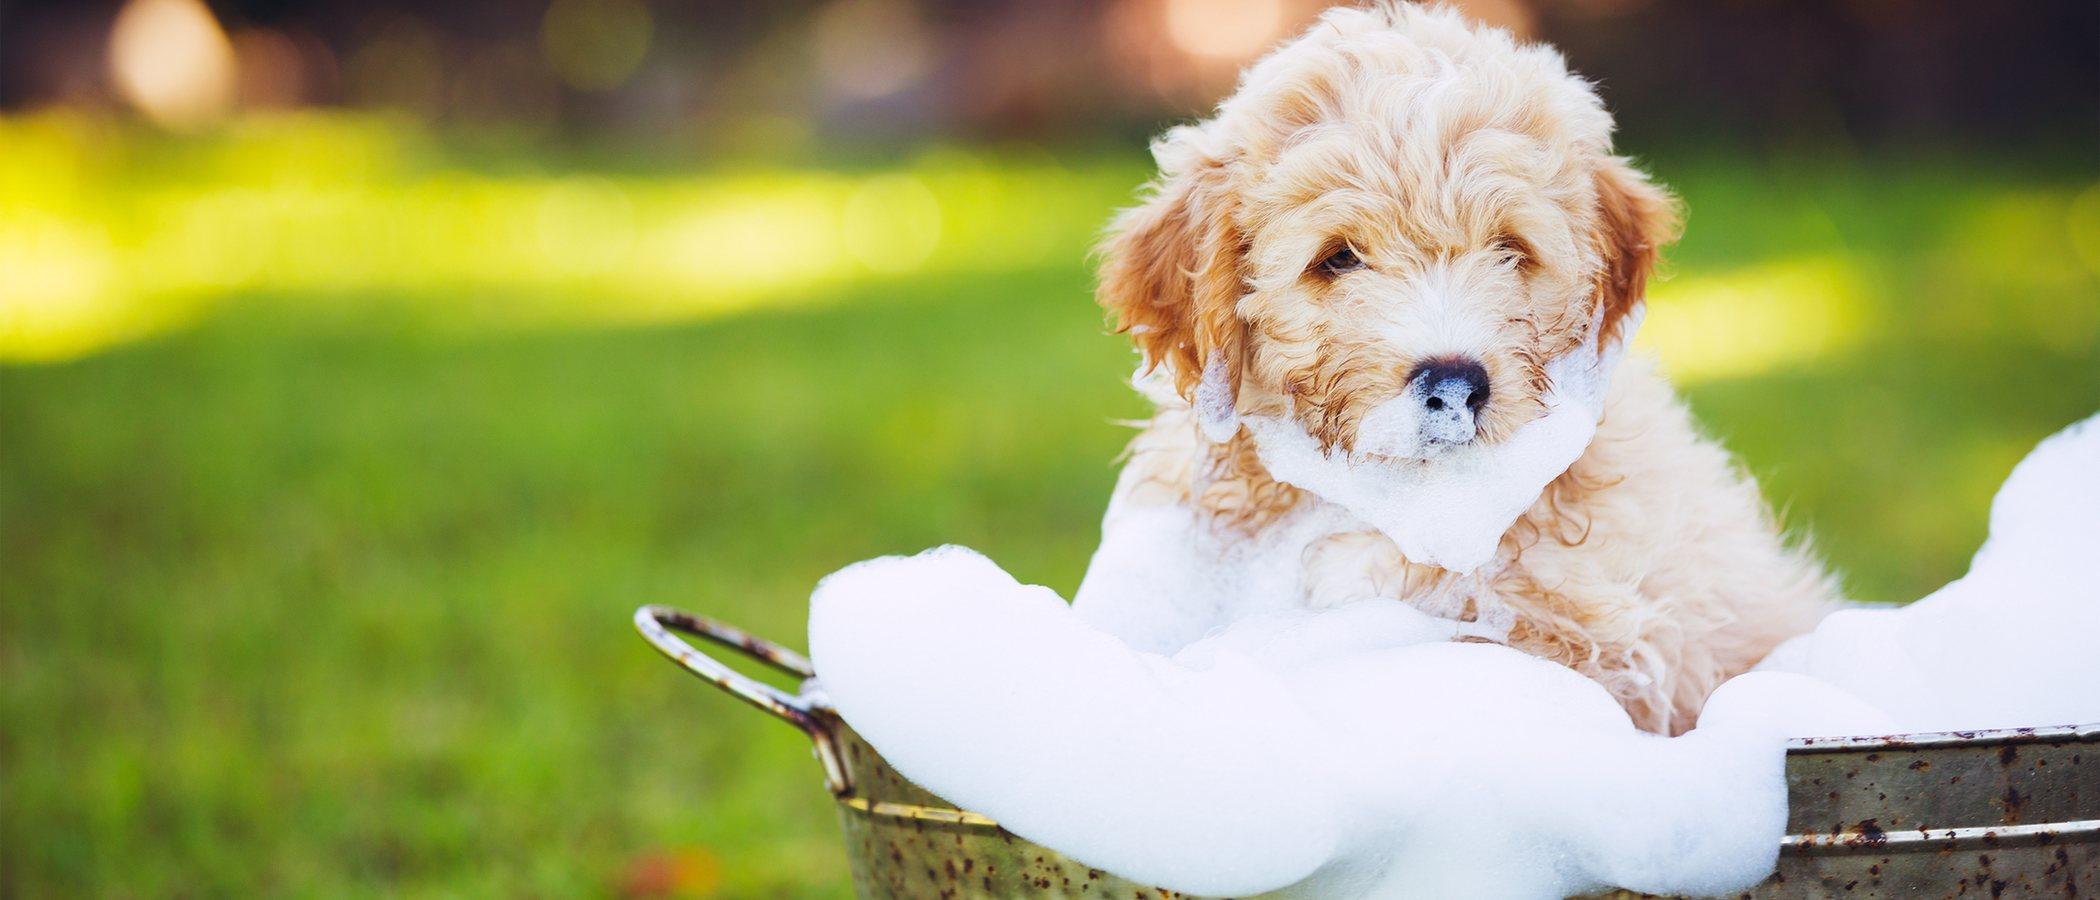 Cómo bañar a un perro que le tiene miedo al agua